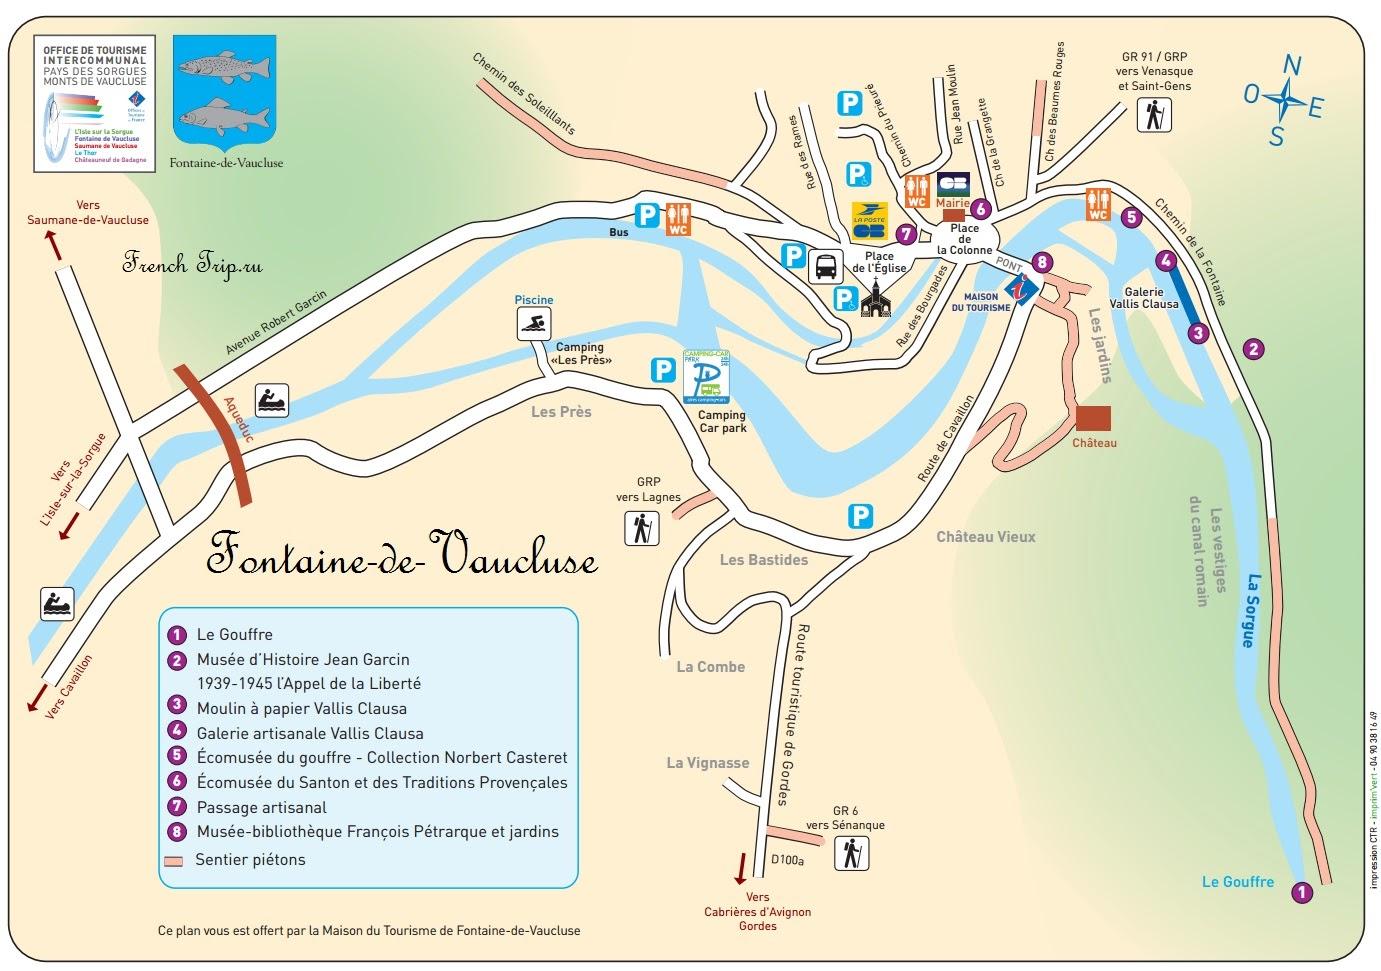 Карта Fontaine-de-Vaucluse